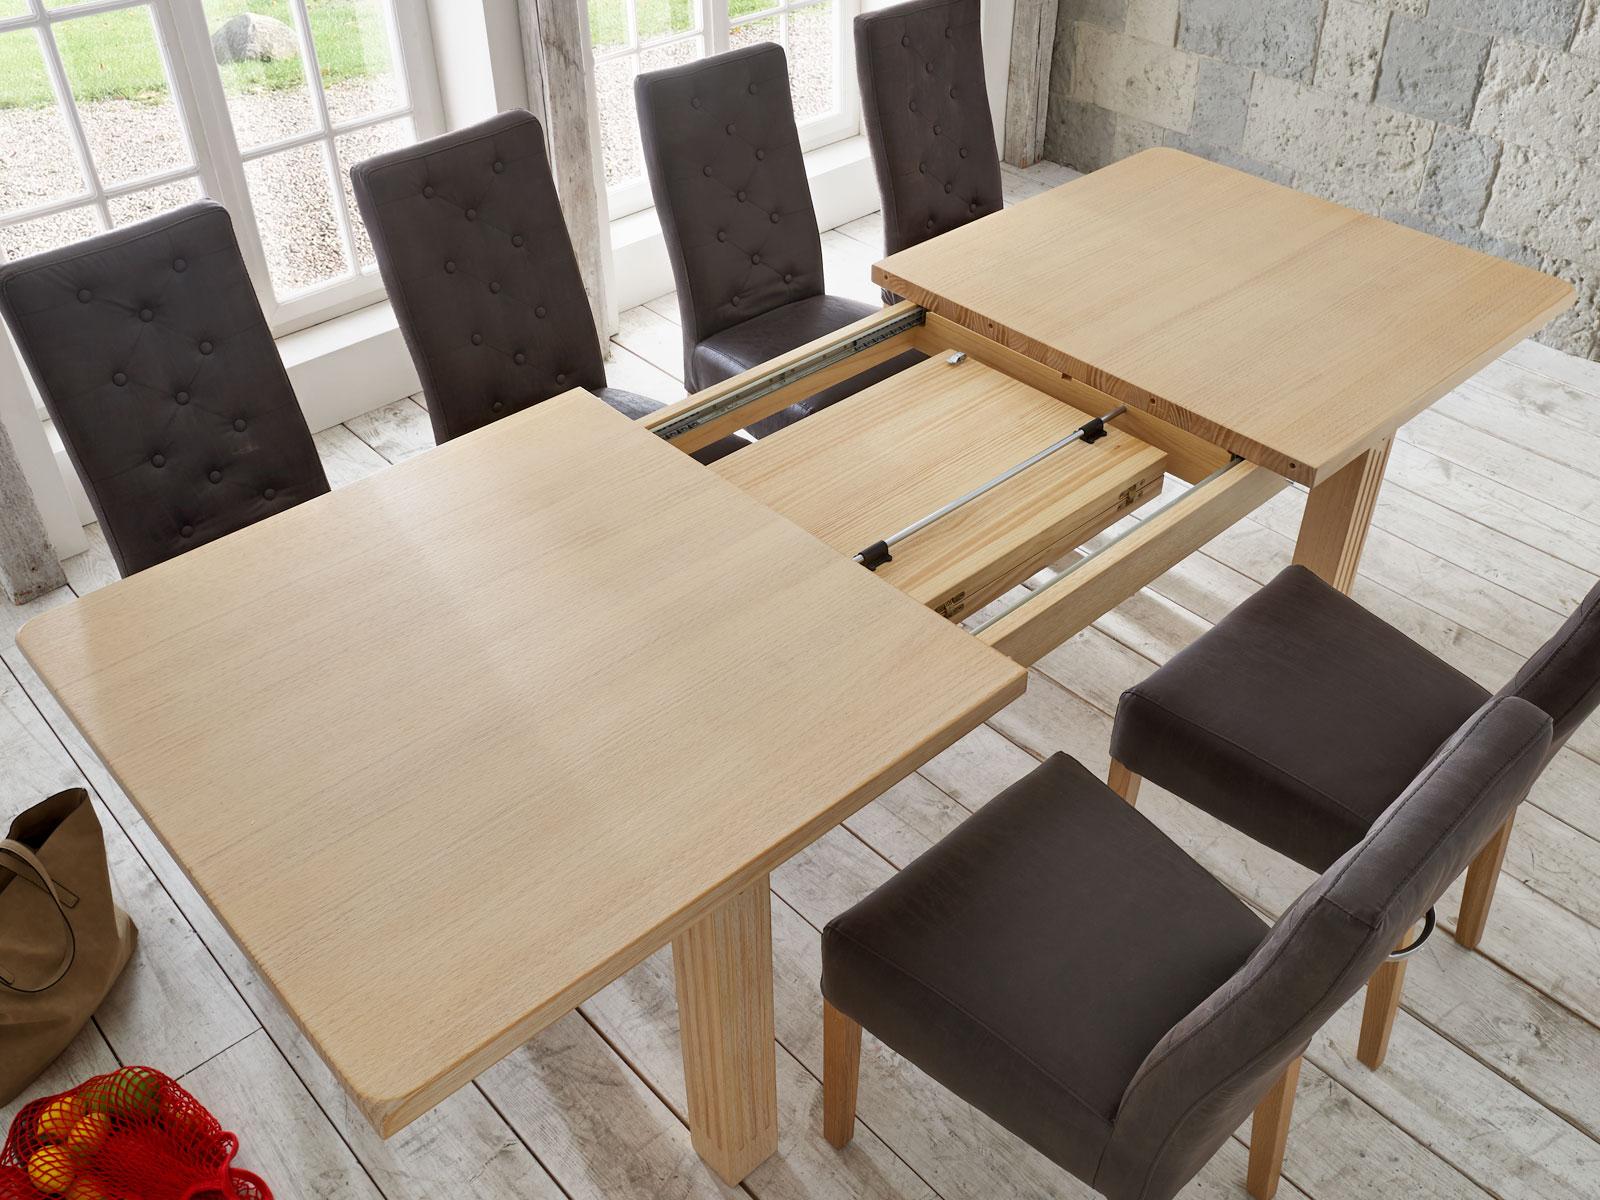 Full Size of Esstische Esszimmer Tisch Esstisch Massivholz 160 180 90 95 Cm Ausziehbar Design Massiv Moderne Runde Rund Kleine Designer Holz Esstische Esstische